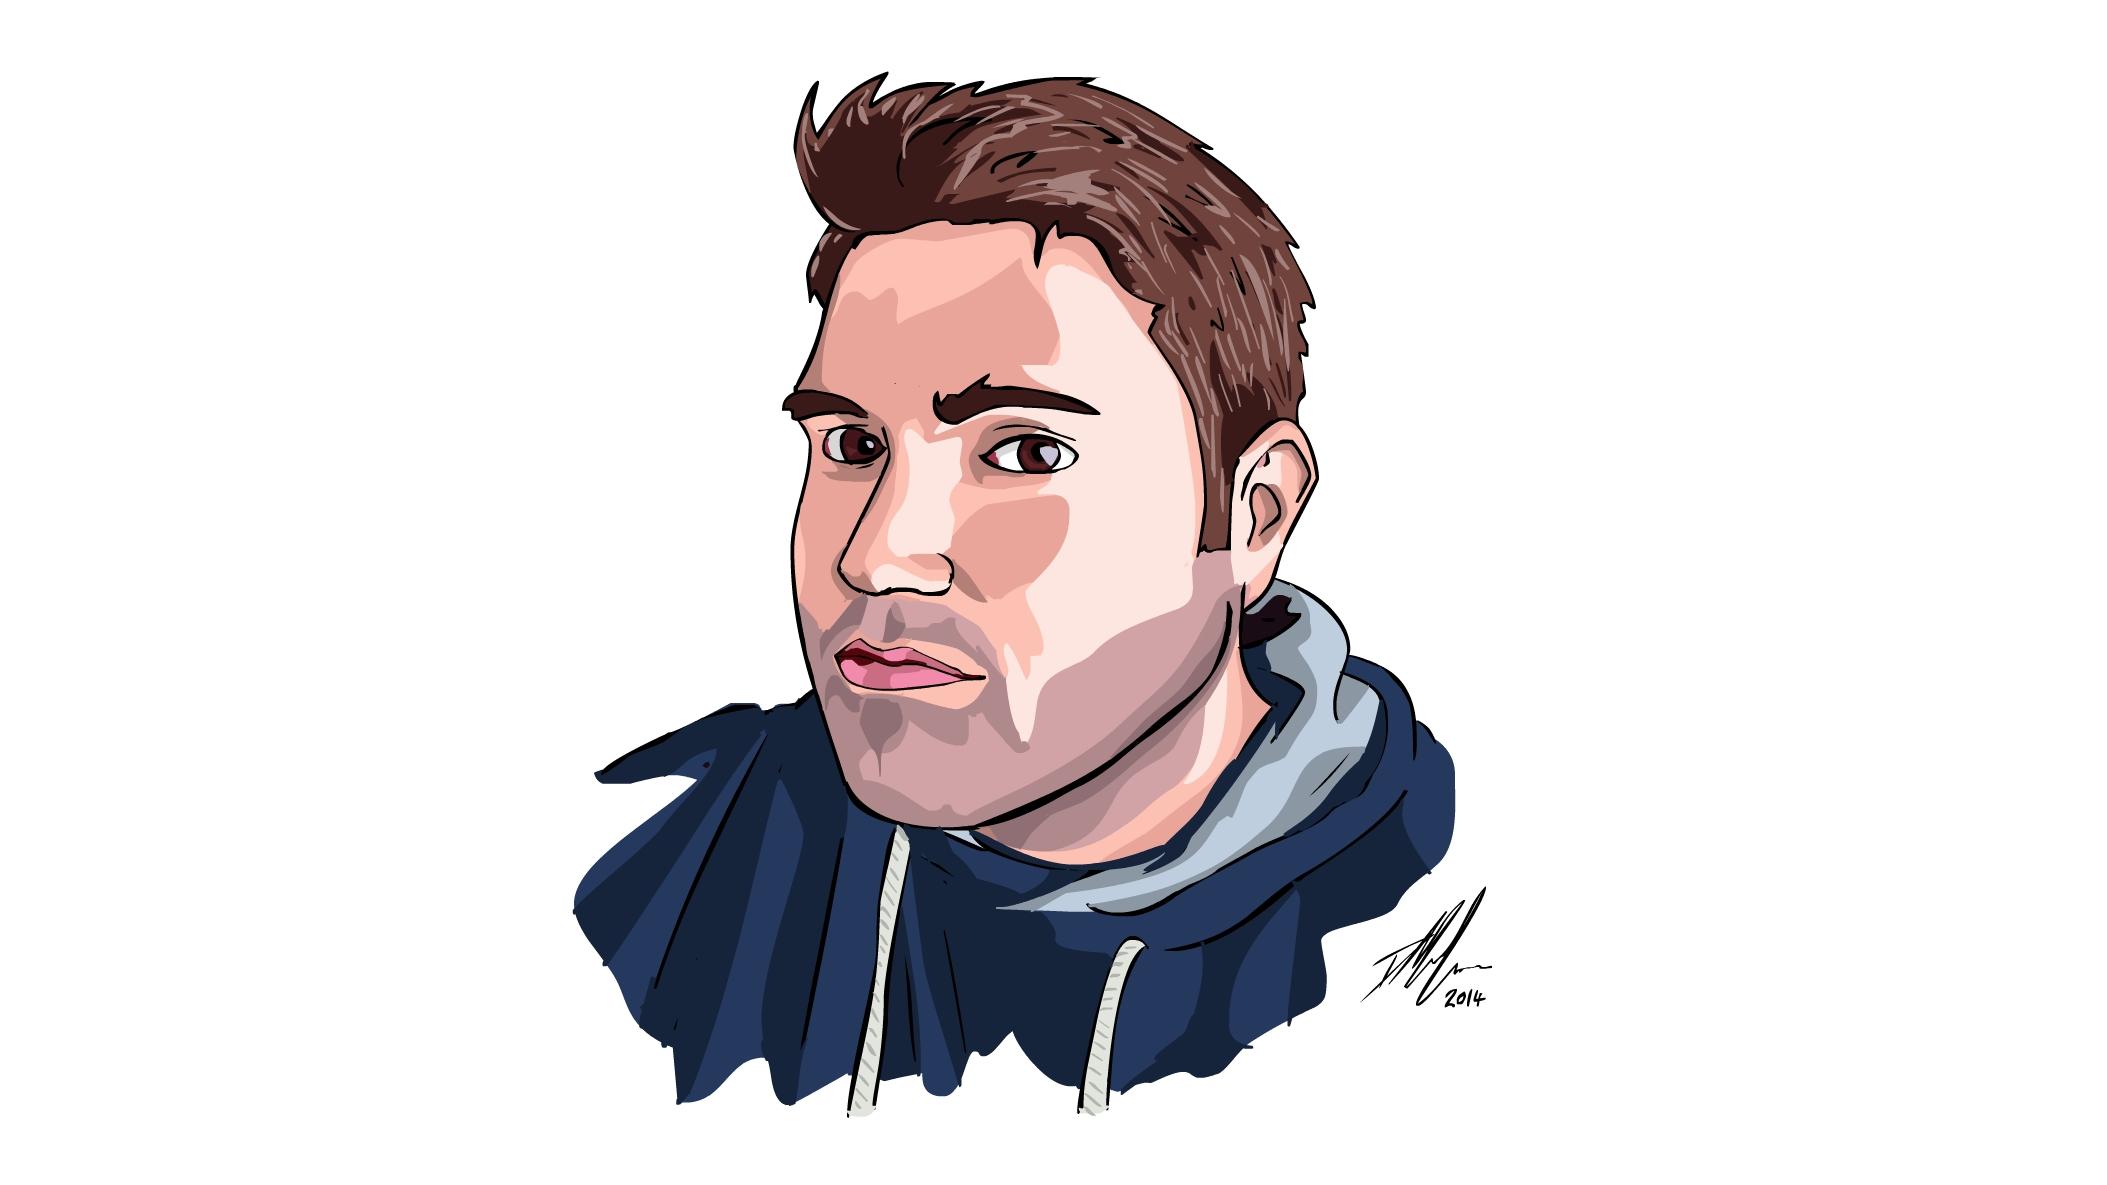 Dan (myself)